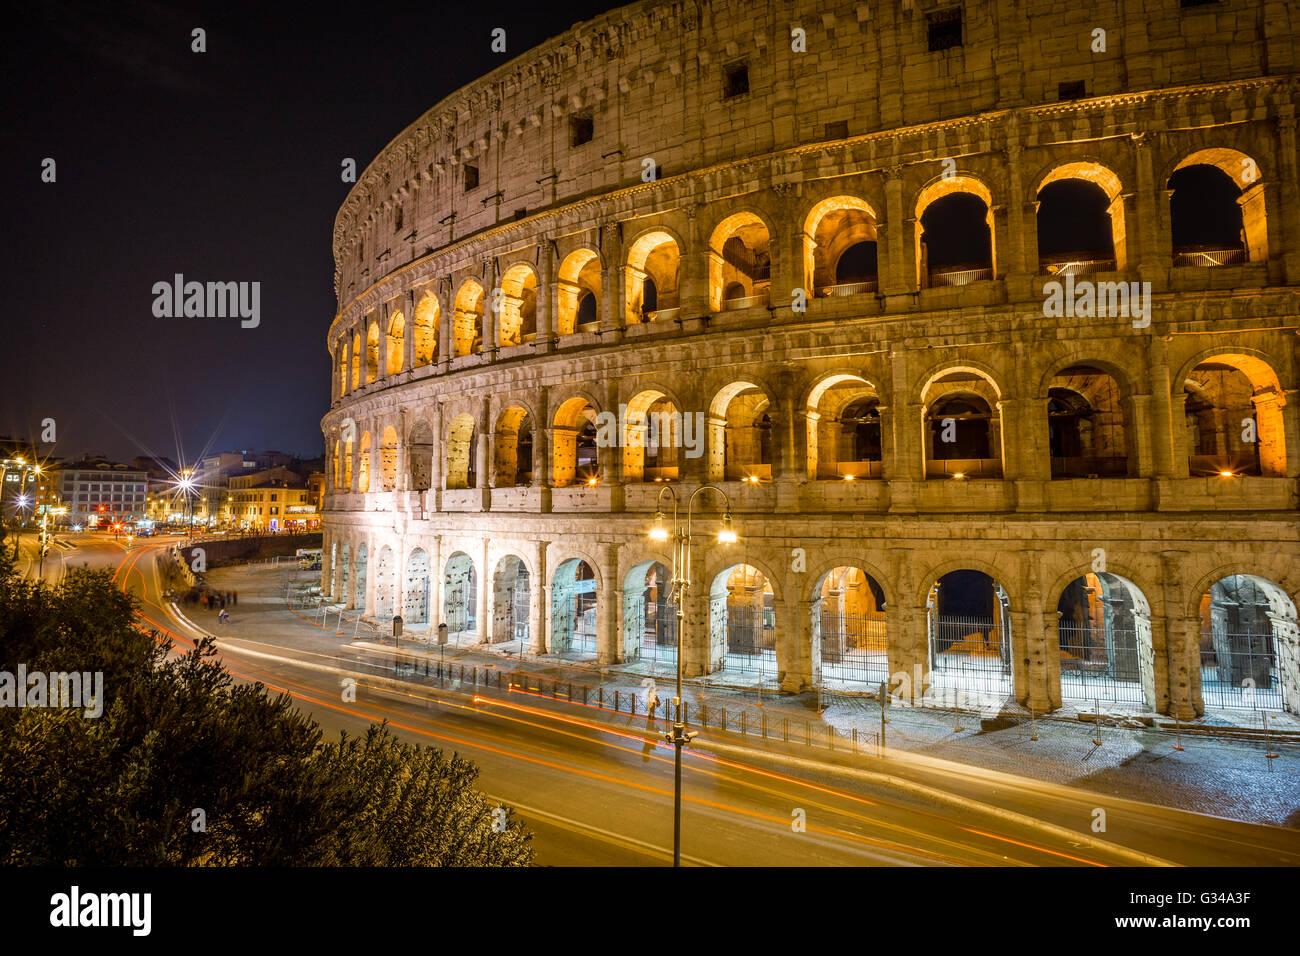 Una lunga esposizione del Colosseo di notte a Roma, Italia Immagini Stock